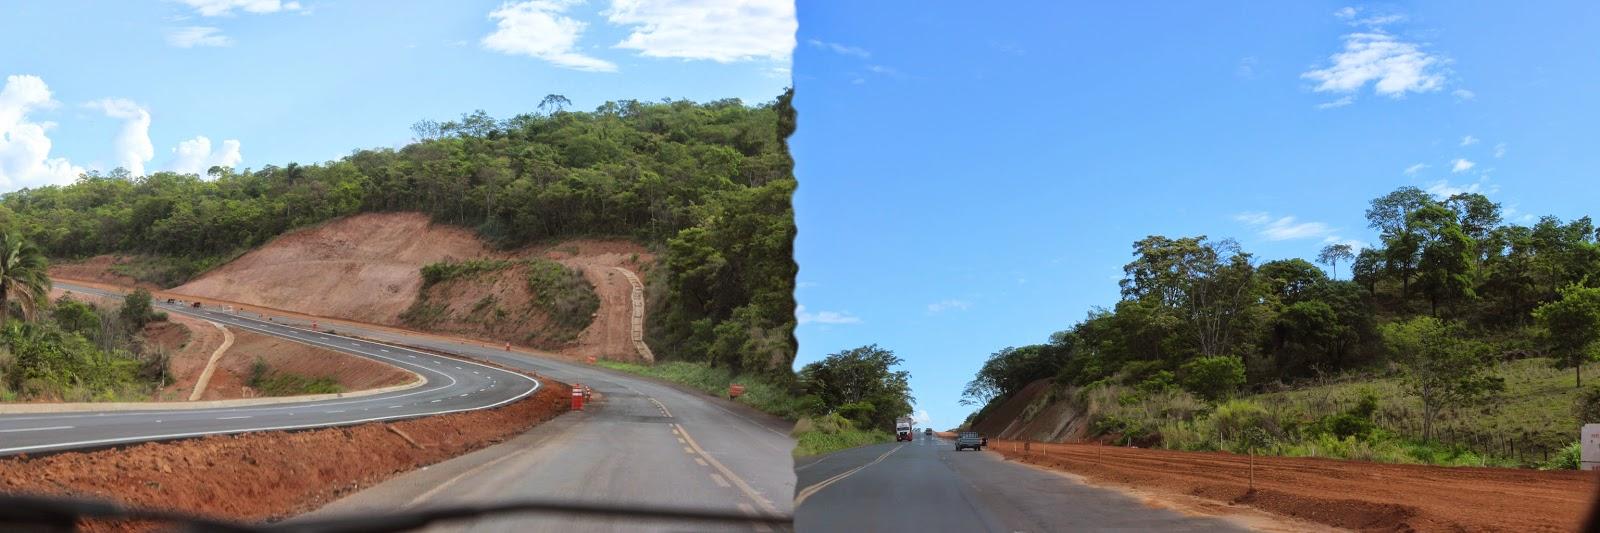 Viagem para Foz do Iguaçu: De carro cruzando o Brasil - BR 050 - MG